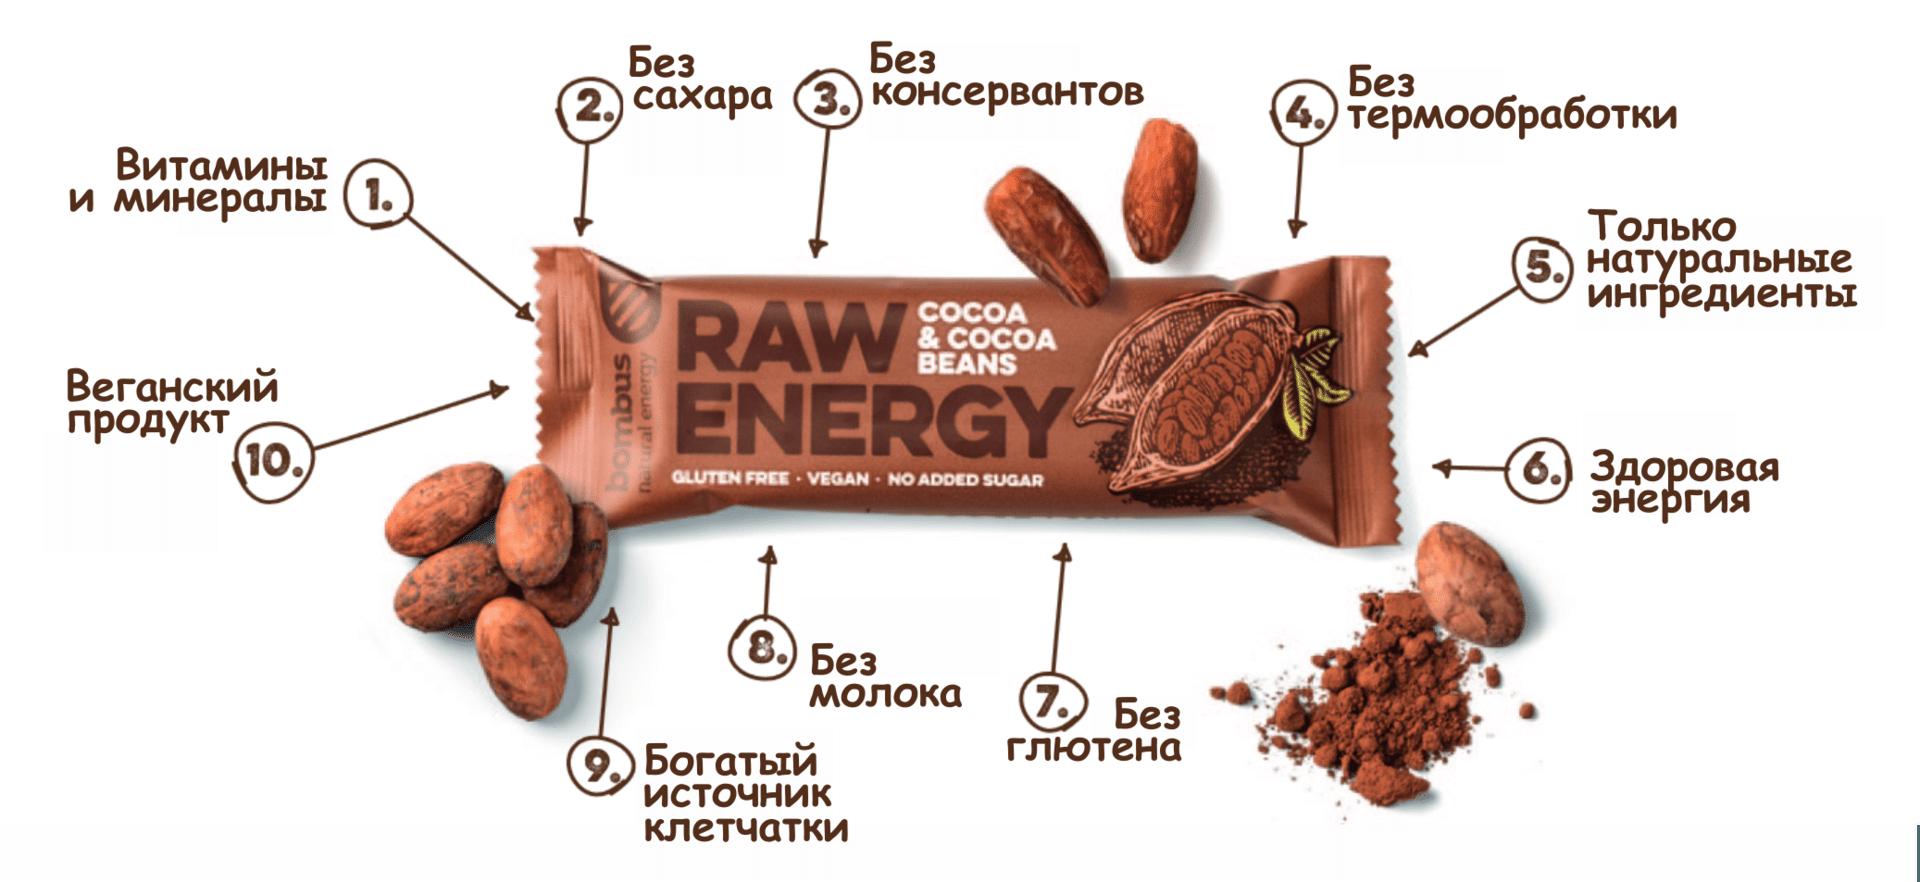 Натуральные батончики Raw Energy - фото Батончик raw energy купить минск